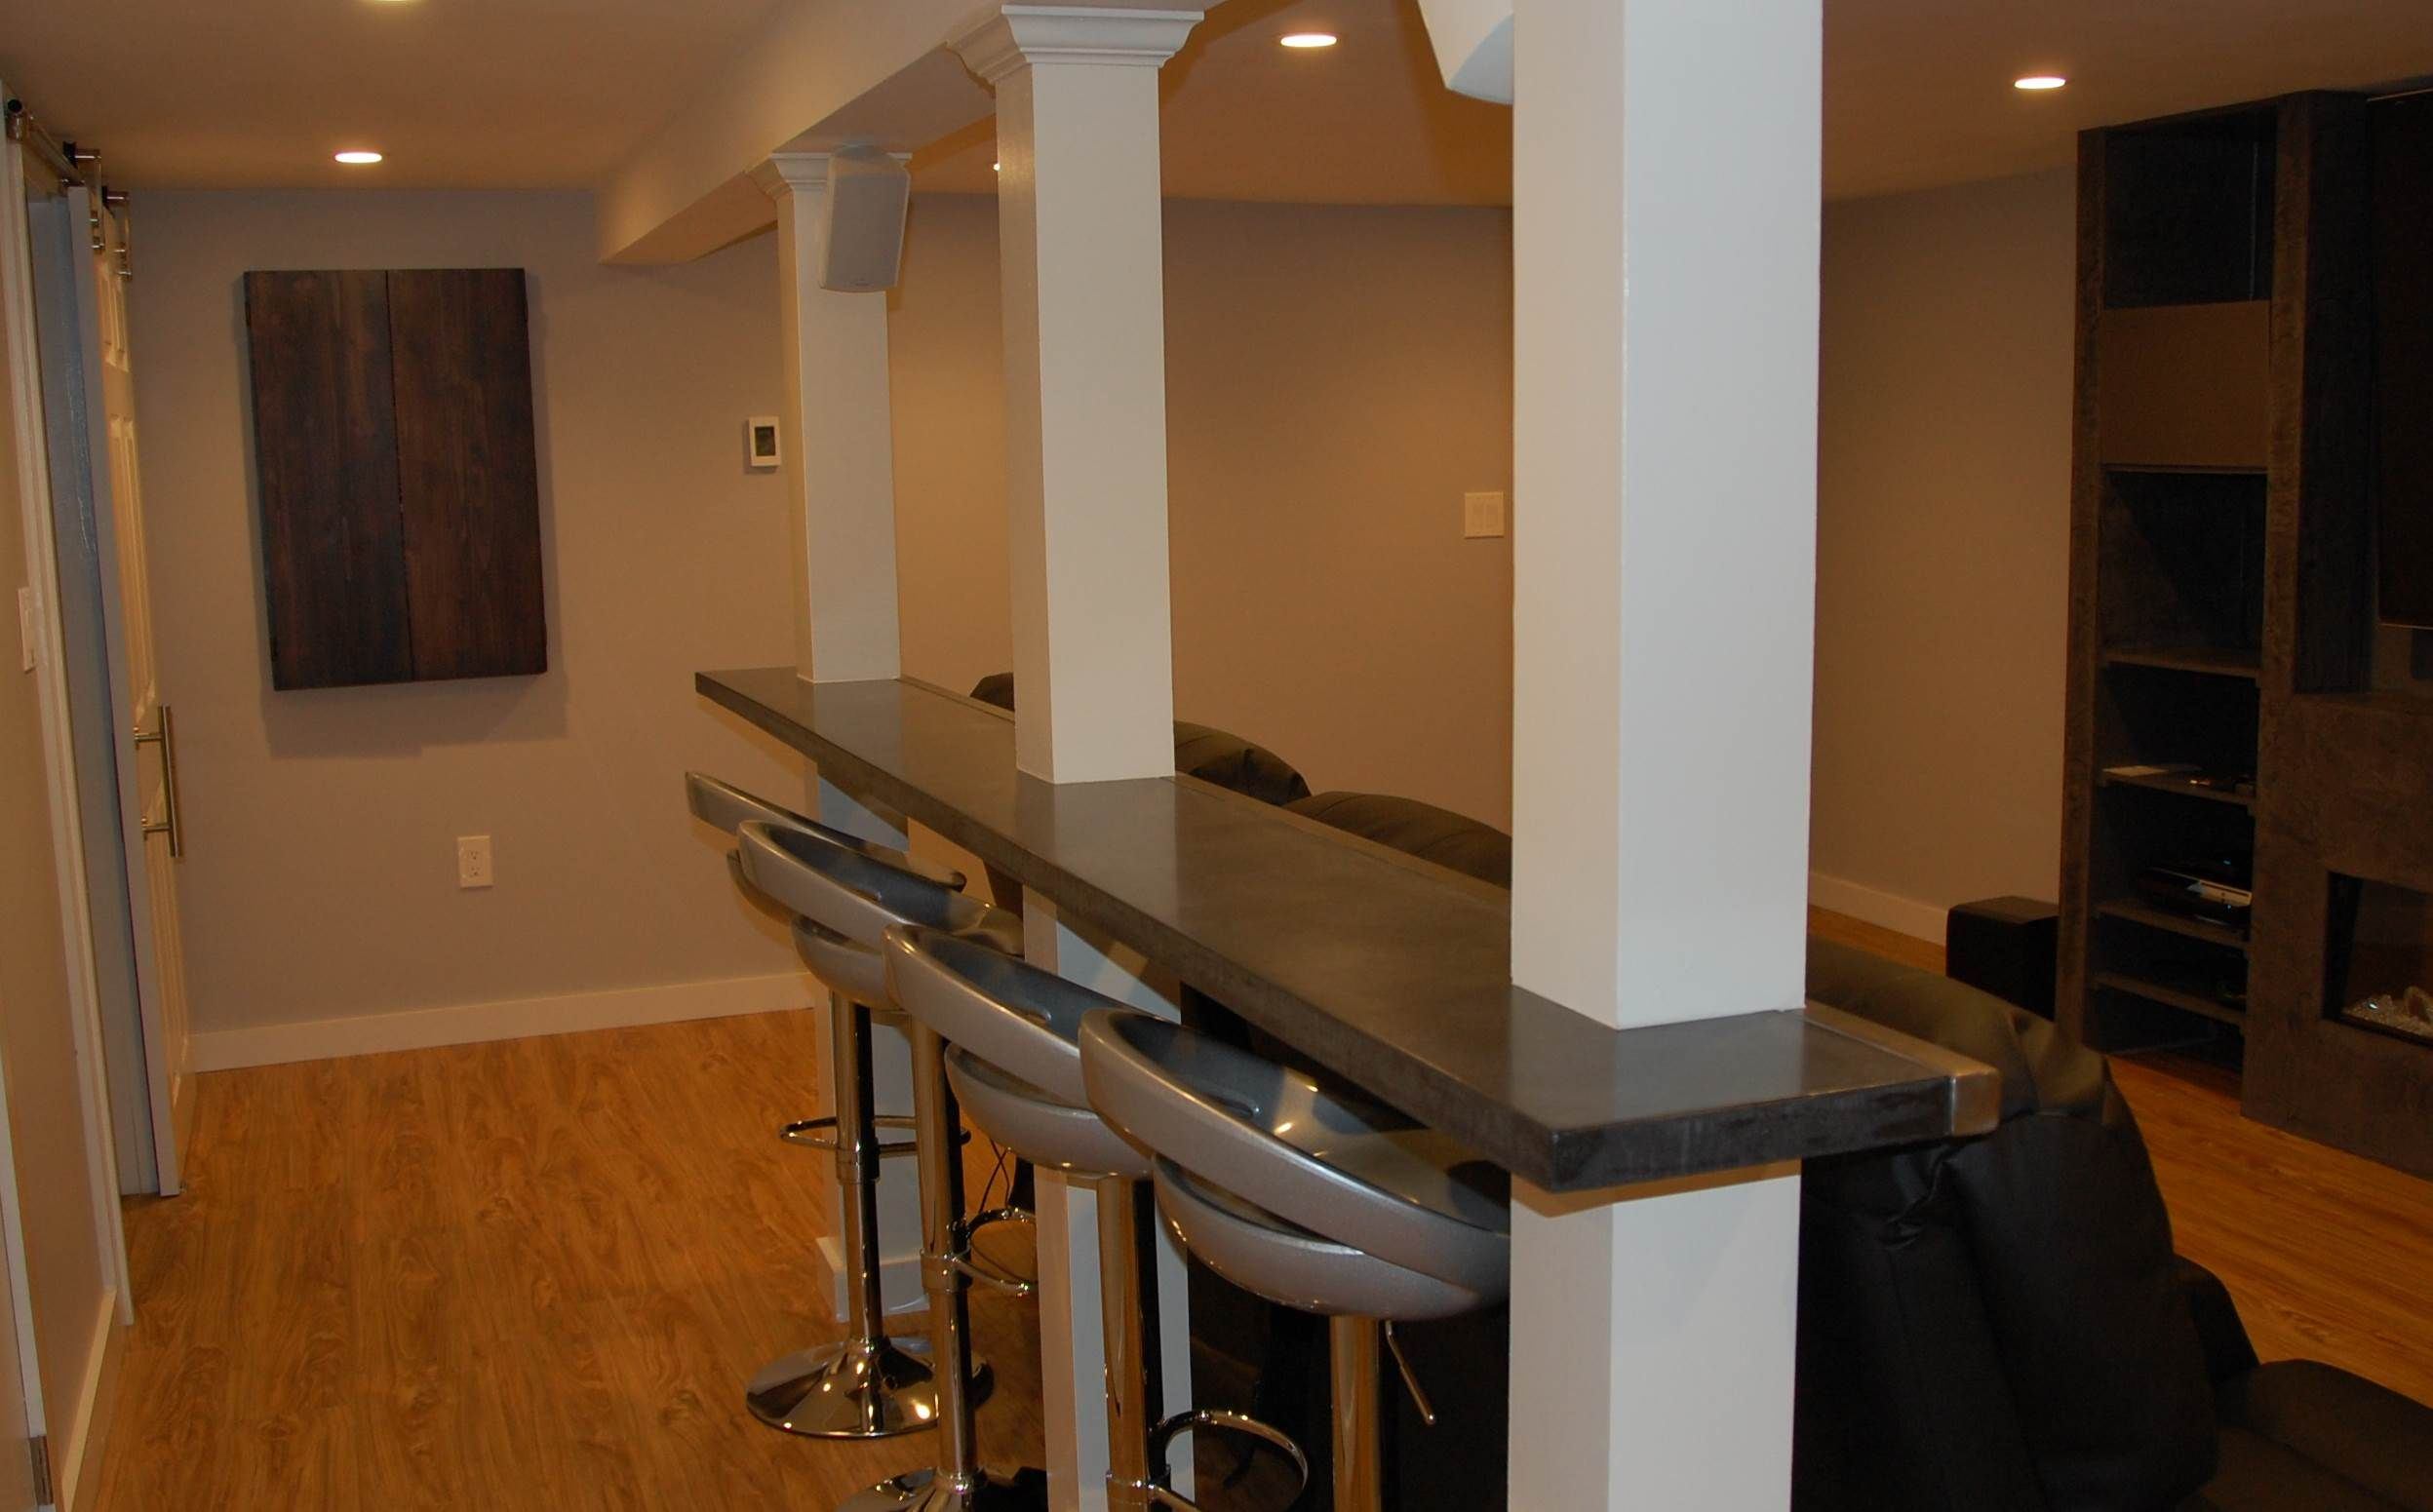 Image Result For Basement Bar Between Columns Finishing Basement Basement Bar Designs Basement Design